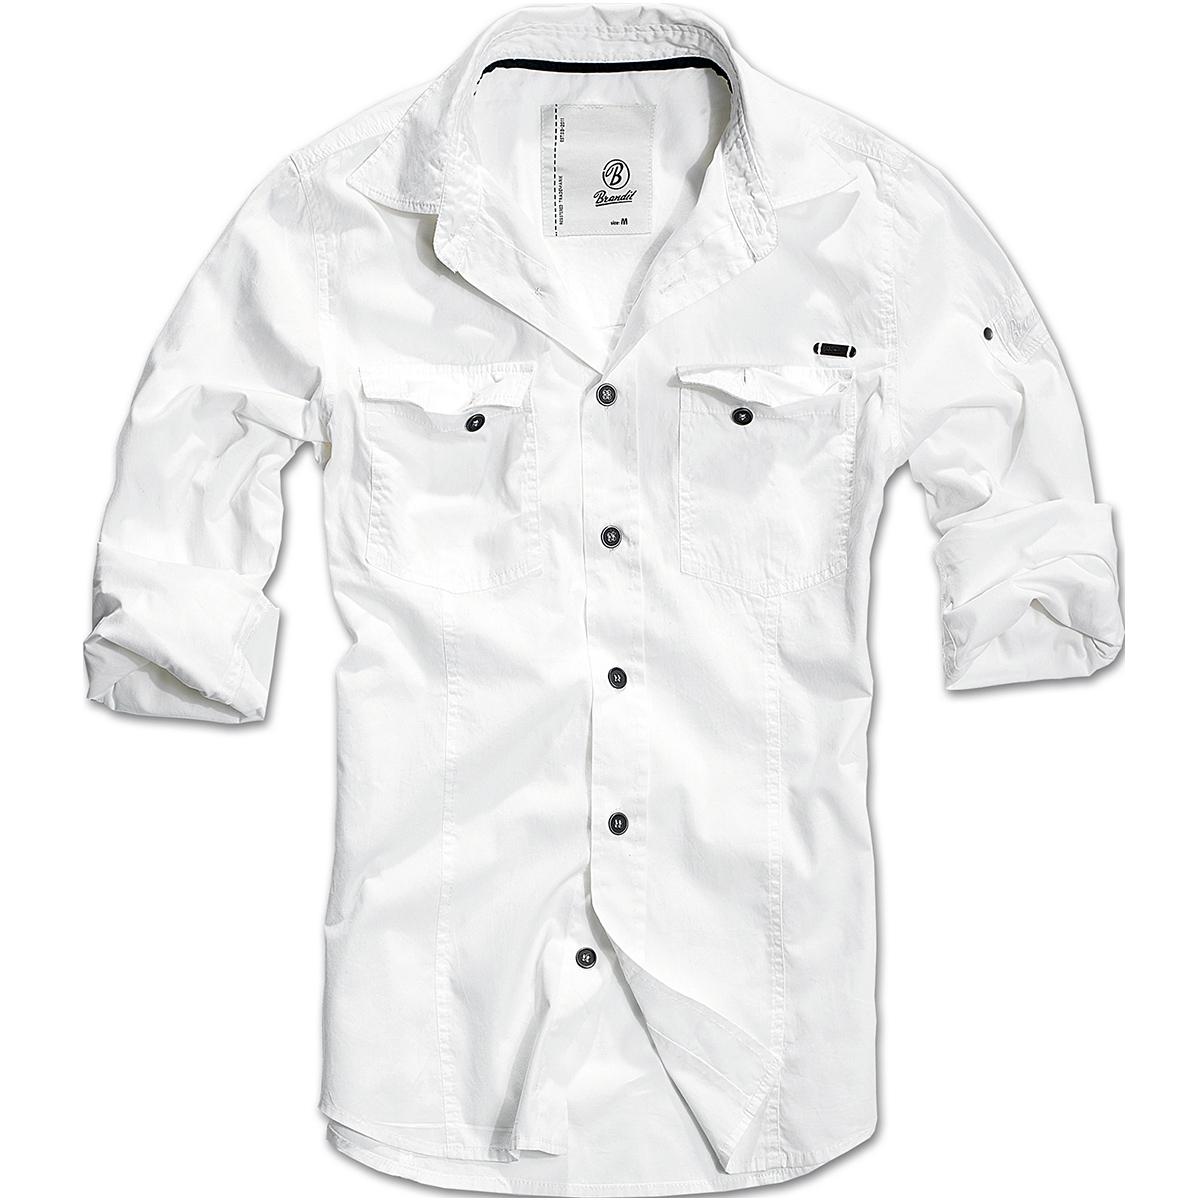 b992e1e04fe3 Sentinel Brandit Casual Plain Herren Sommer Shirt Langarm Hemd Slimfit  Baumwolle Armee To